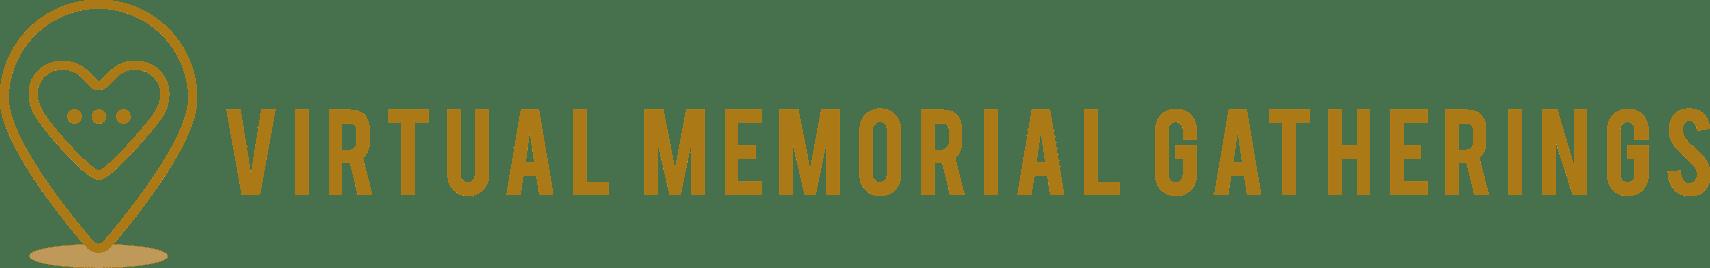 Virtual Funerals & Memorials